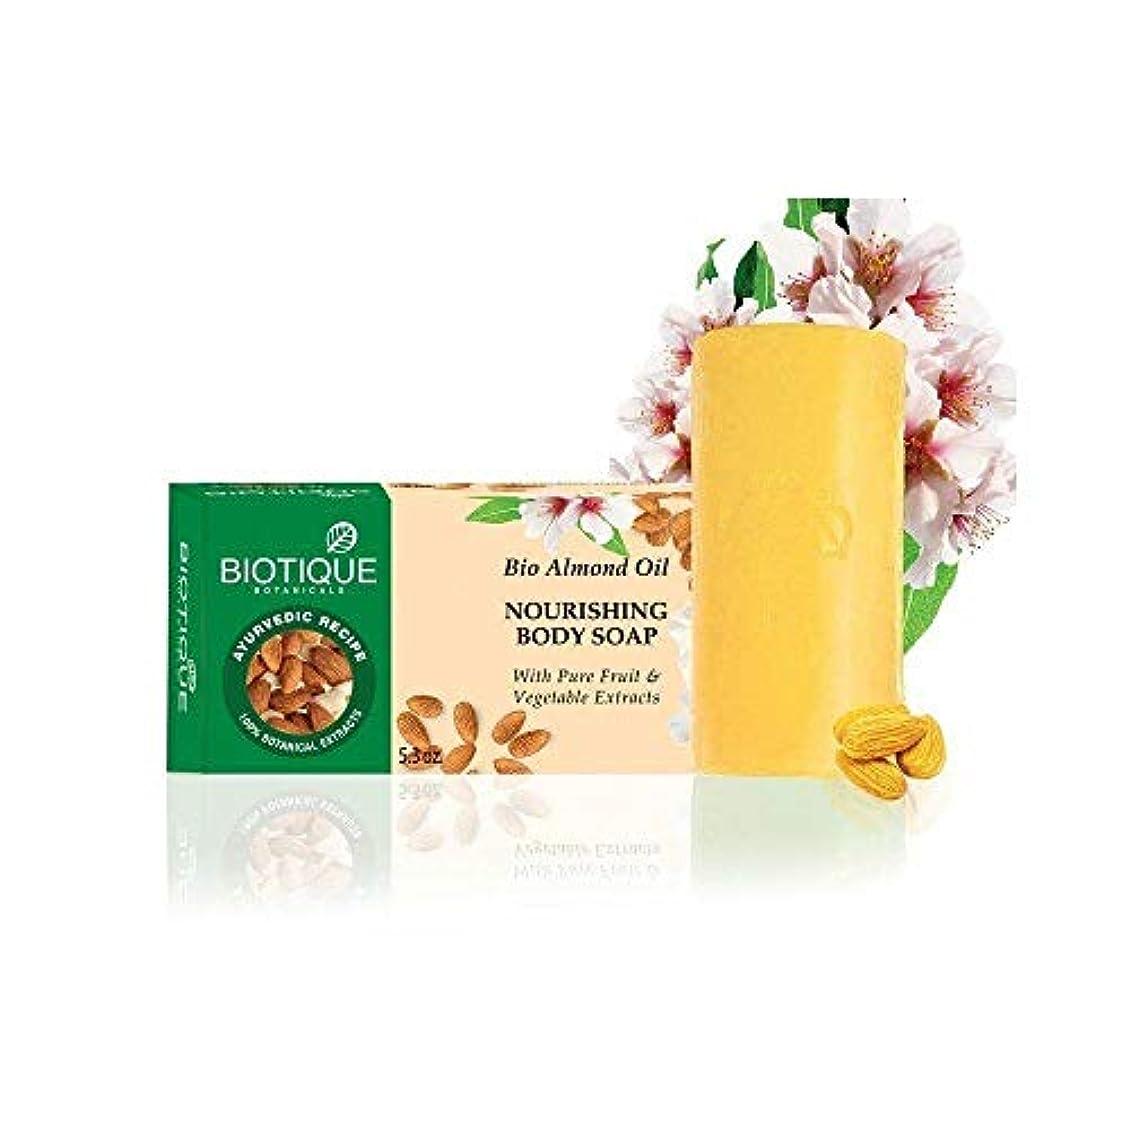 農民ごちそうサラダBiotique Bio Almond Oil Nourishing Body Soap - 150g (Pack of 2) wash Impurities Biotique Bio Almond Oilナリッシングボディソープ...